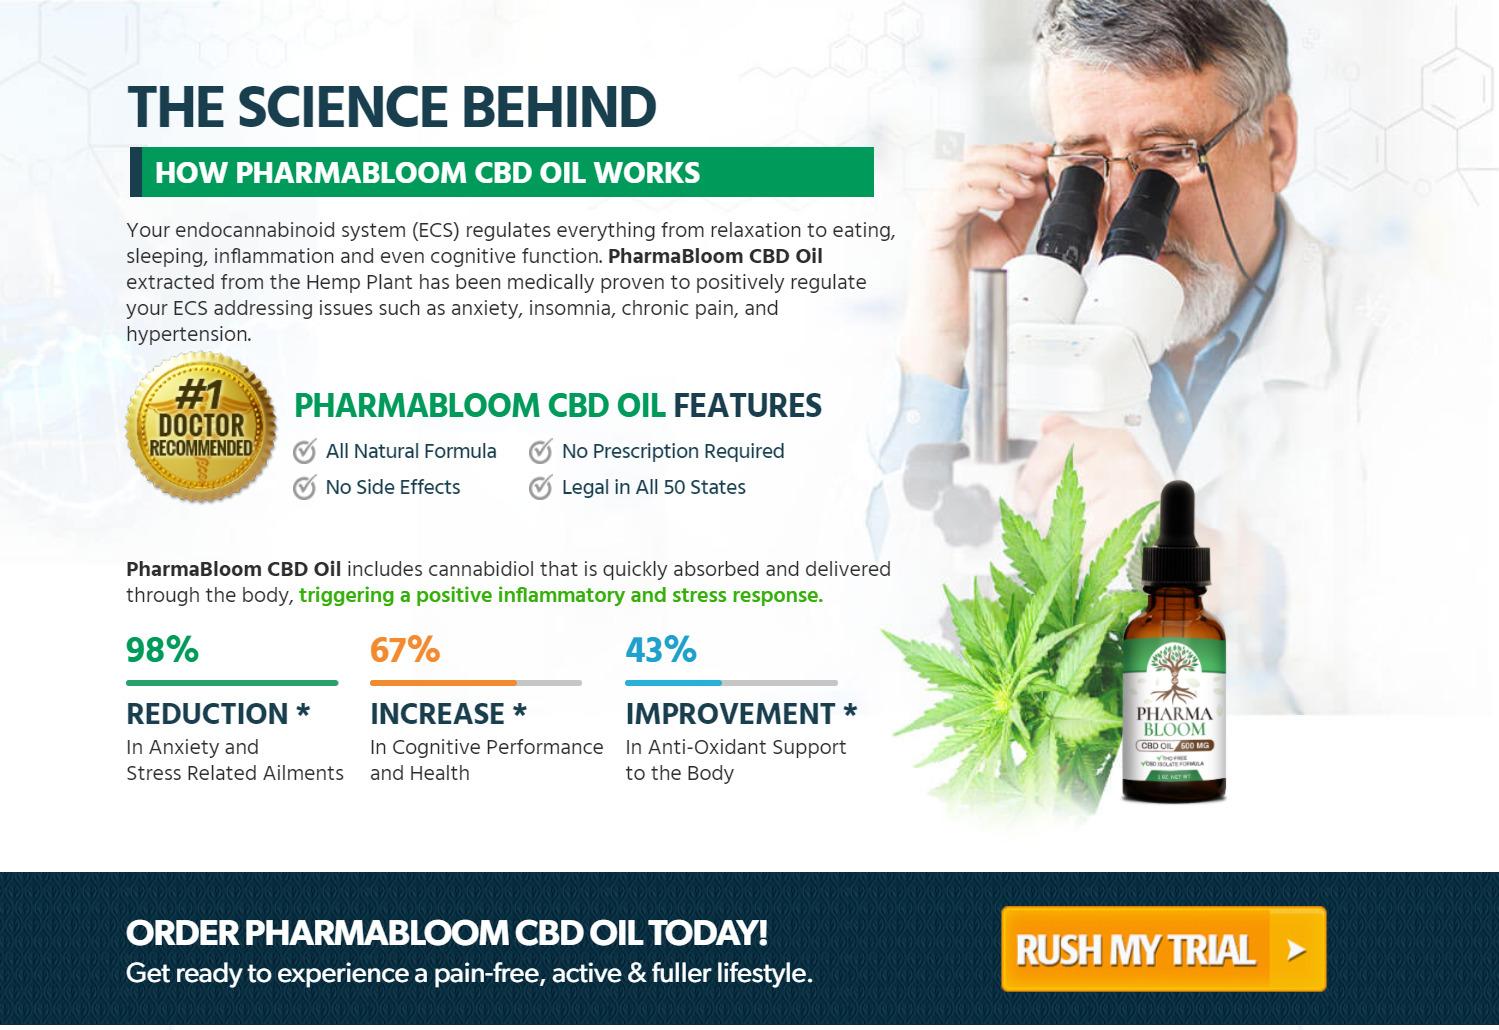 Pharma bloom cbd oil bene